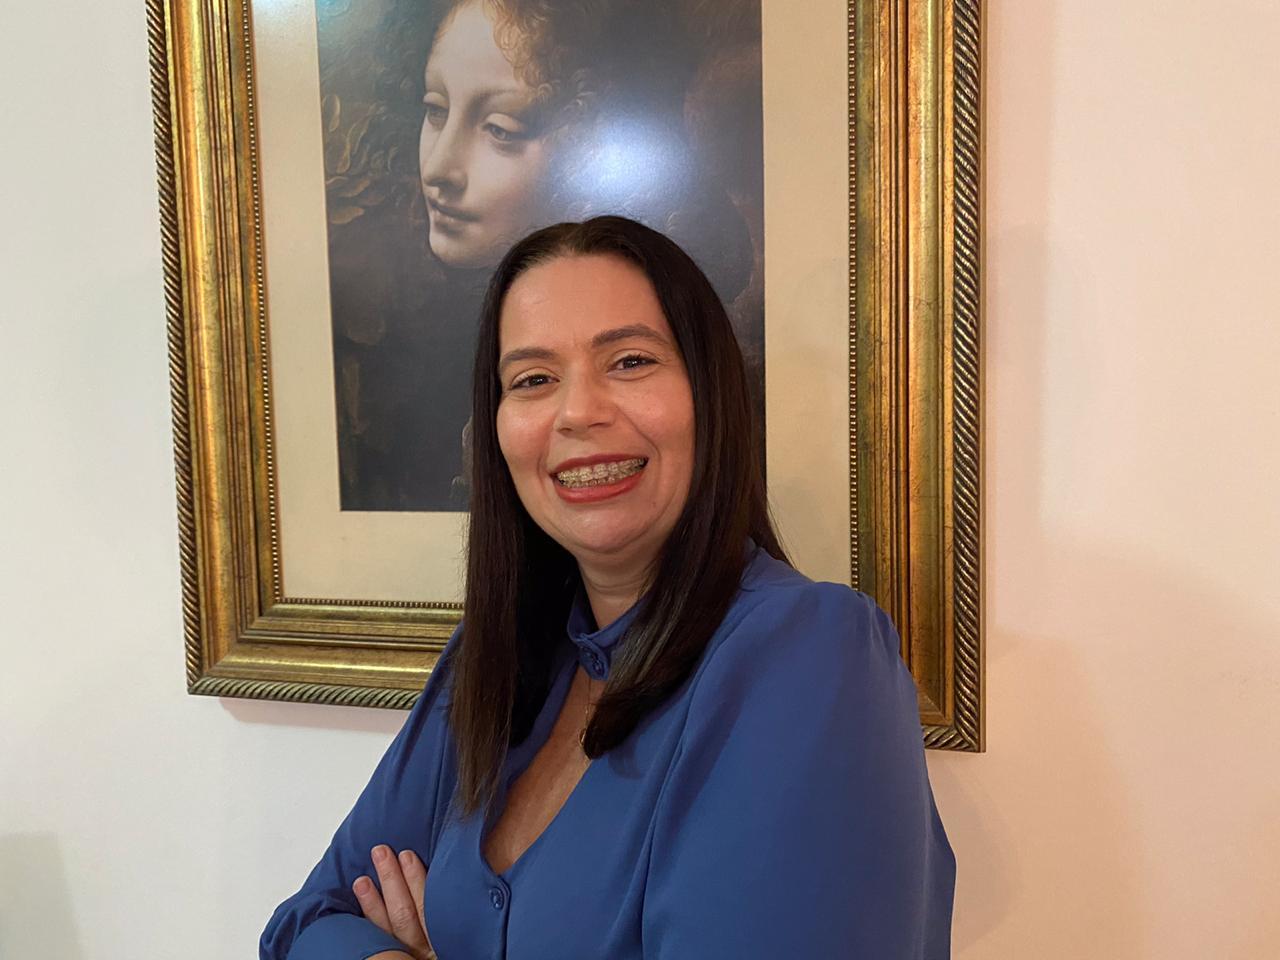 Educadora, consultora e mestre em controladoria pela USP, Ana Flávia Chaves participará de Live sobre Educação digital com Pompeu Vasconcelos